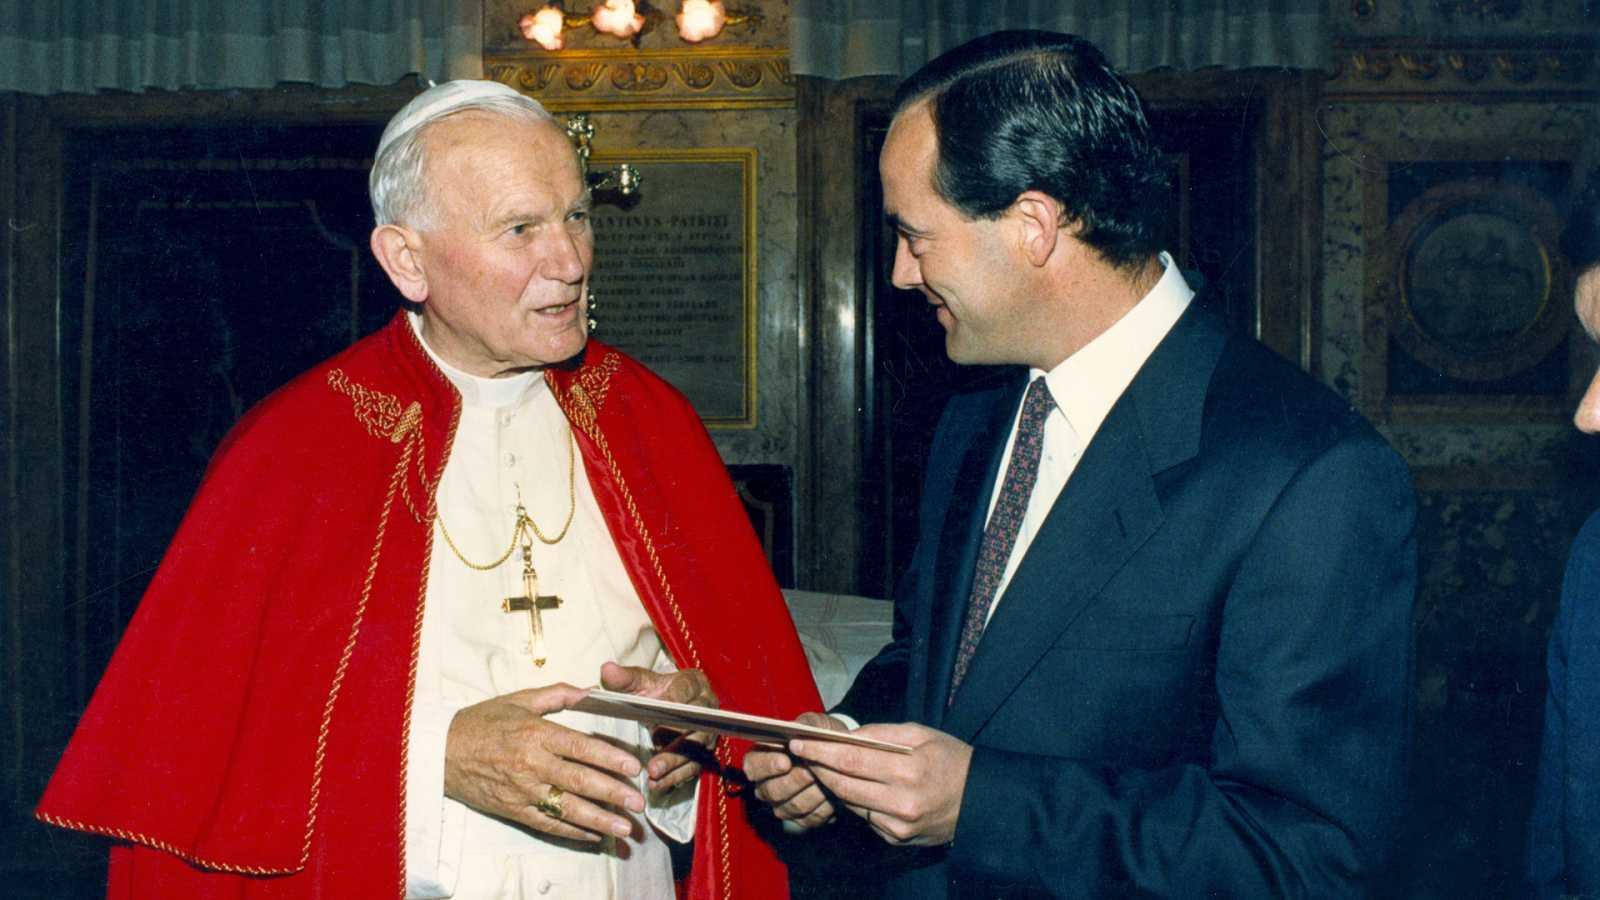 José Bono, de sacerdote a político